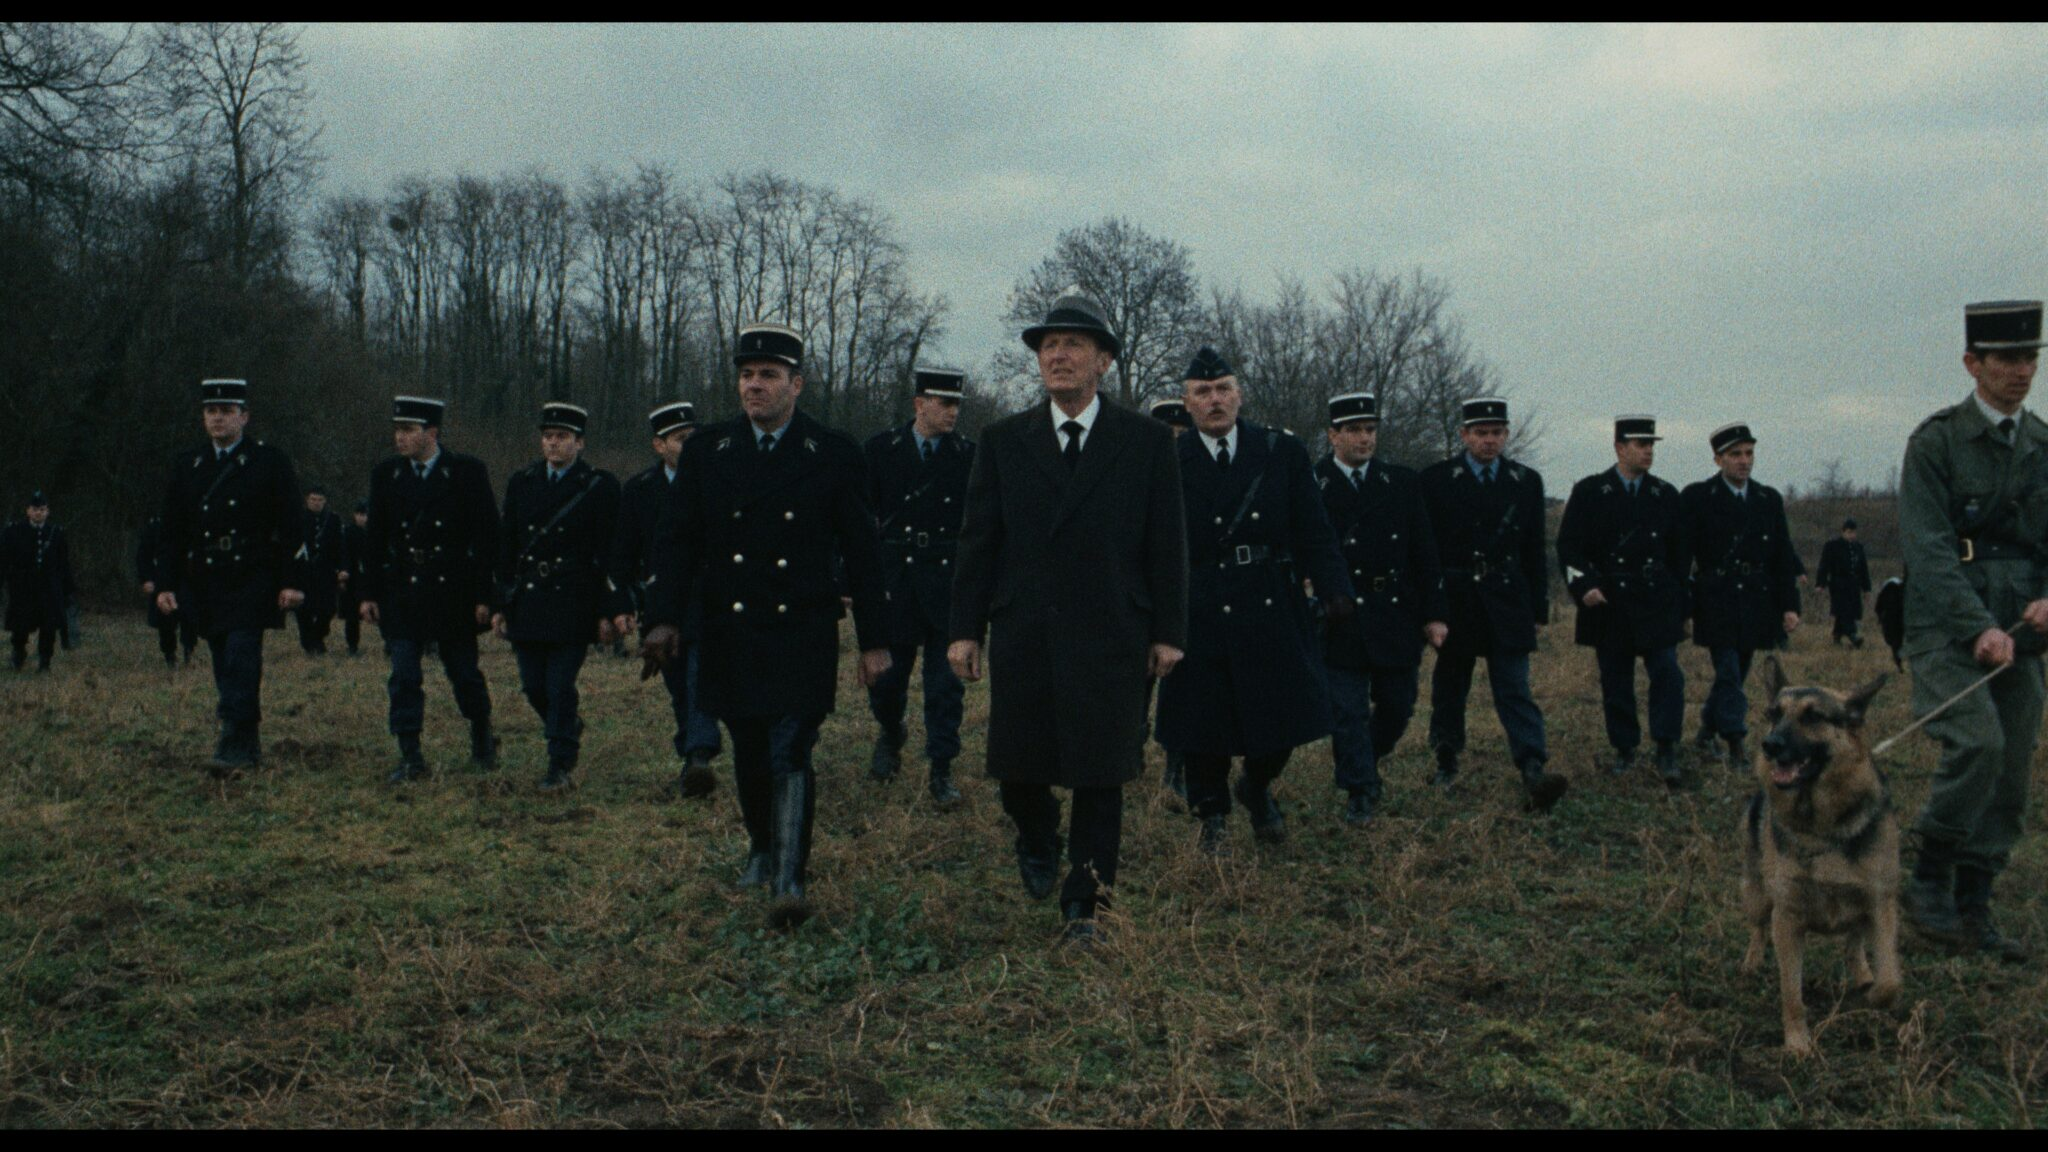 """Mattei (André Bourvil) und dutzende weitere Polizisten suchen in """"Vier im roten Kreis"""" in einer Reihe laufend nach dem flüchtigen Vogel (Gian Maria Volonté). Auch Polizeihunde werden eingesetzt, um die Spur aufzunehmen."""